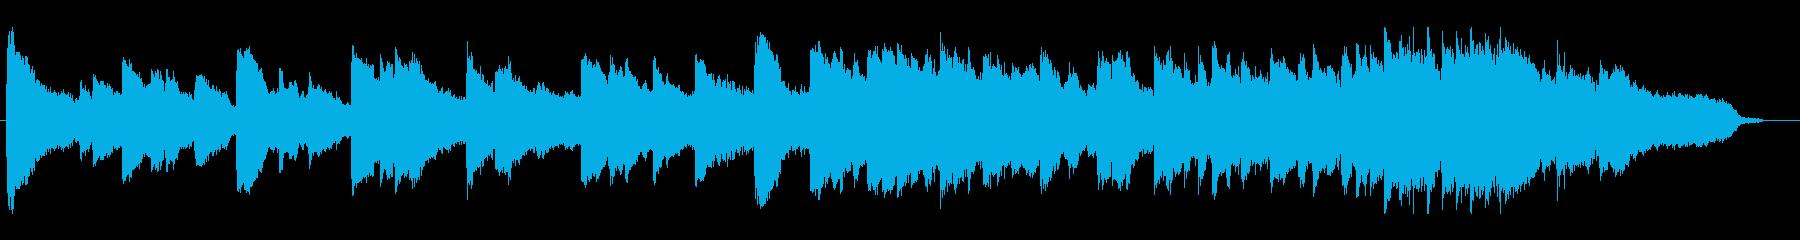 ピアノとバイオリンの感動BGMの再生済みの波形